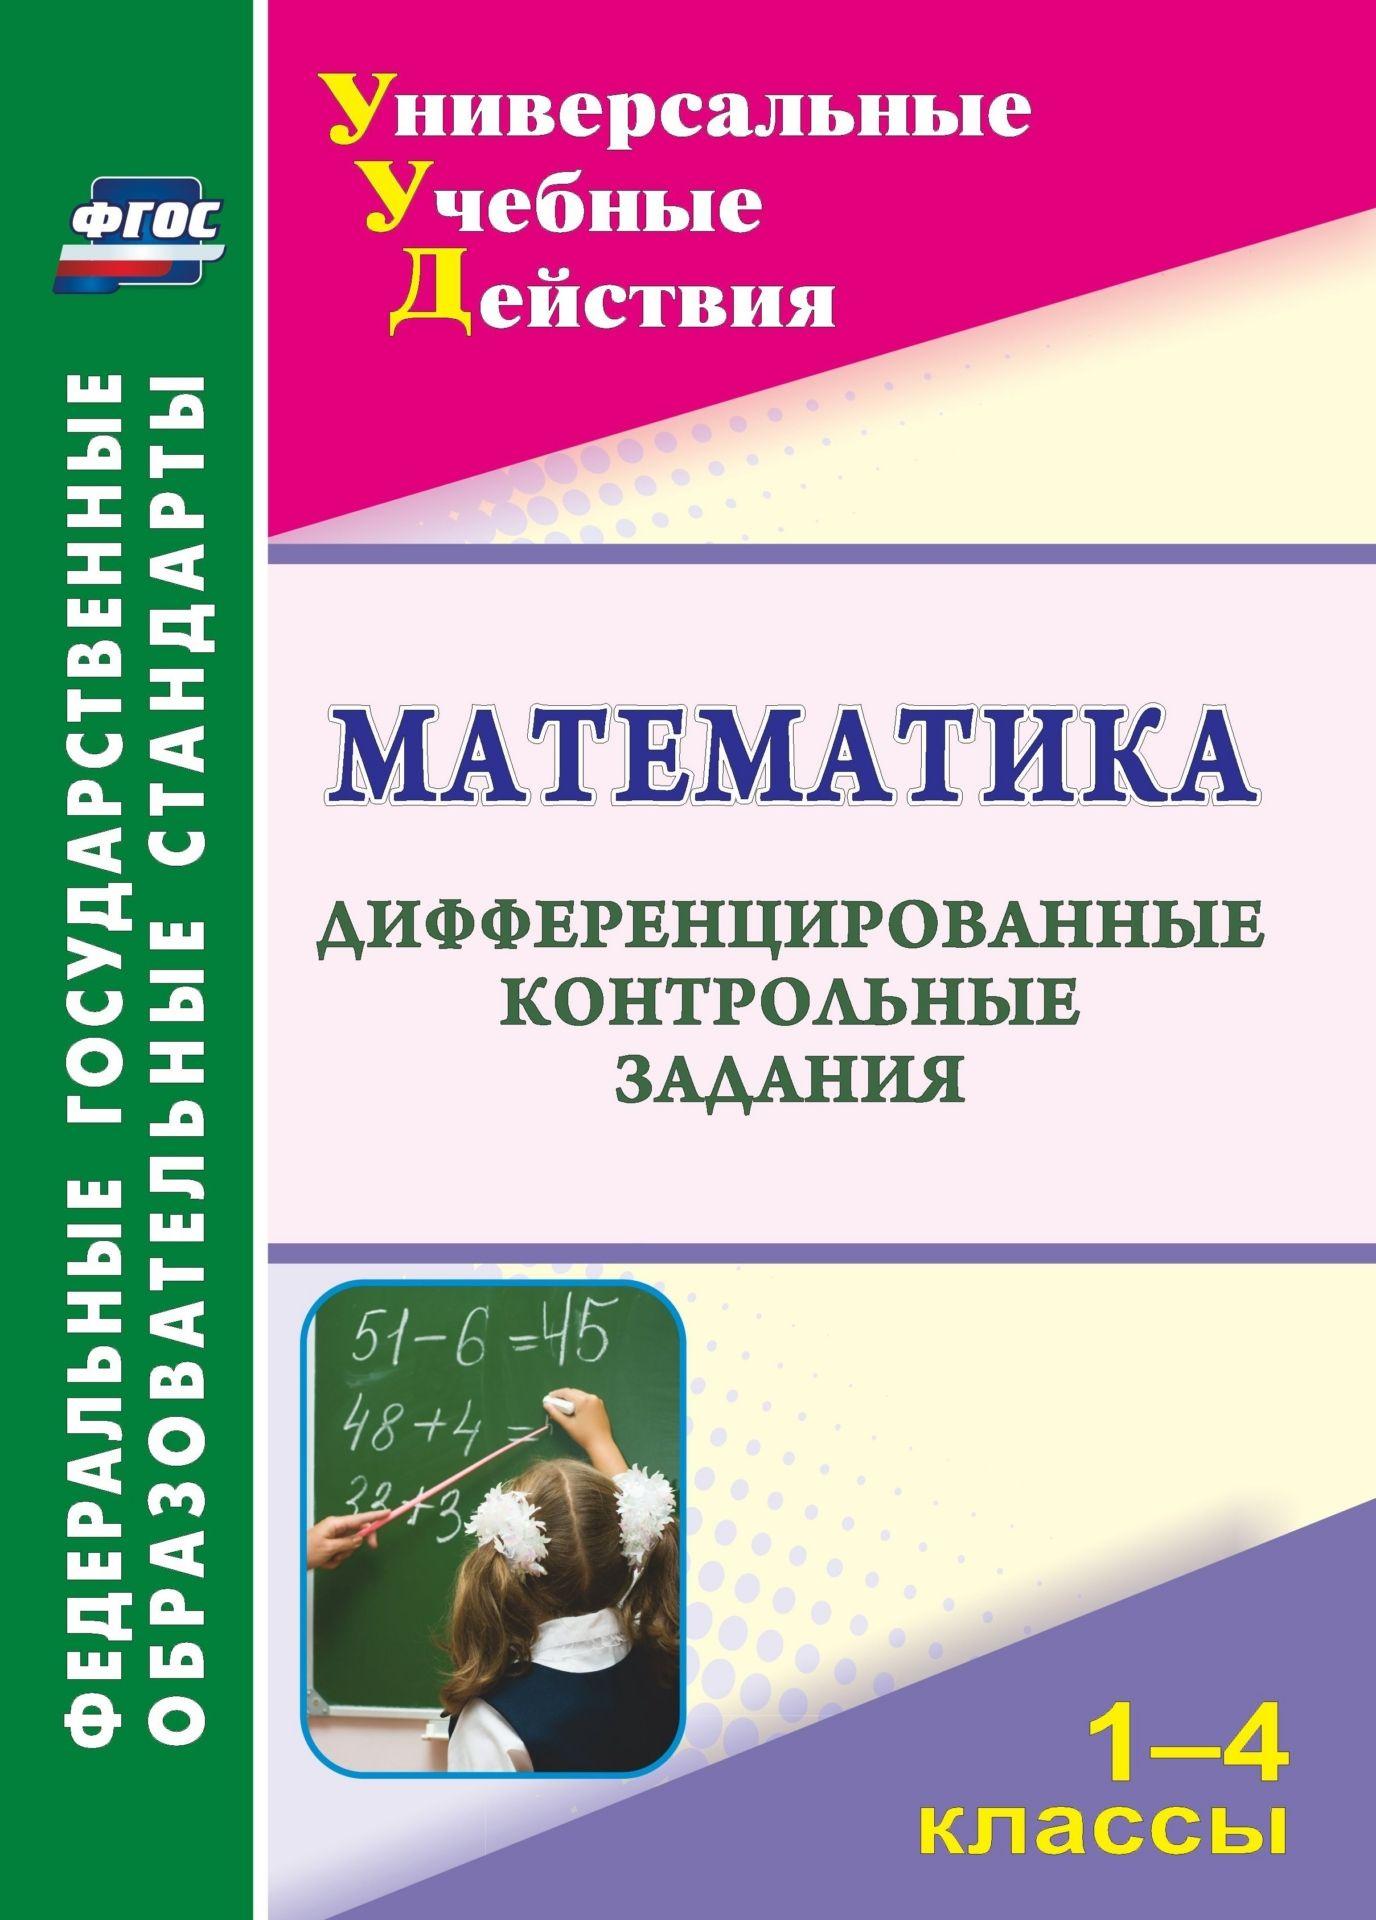 Яровая, Математика, 1-4 кл, Дифференцированные контрольные Задания (Фгос)